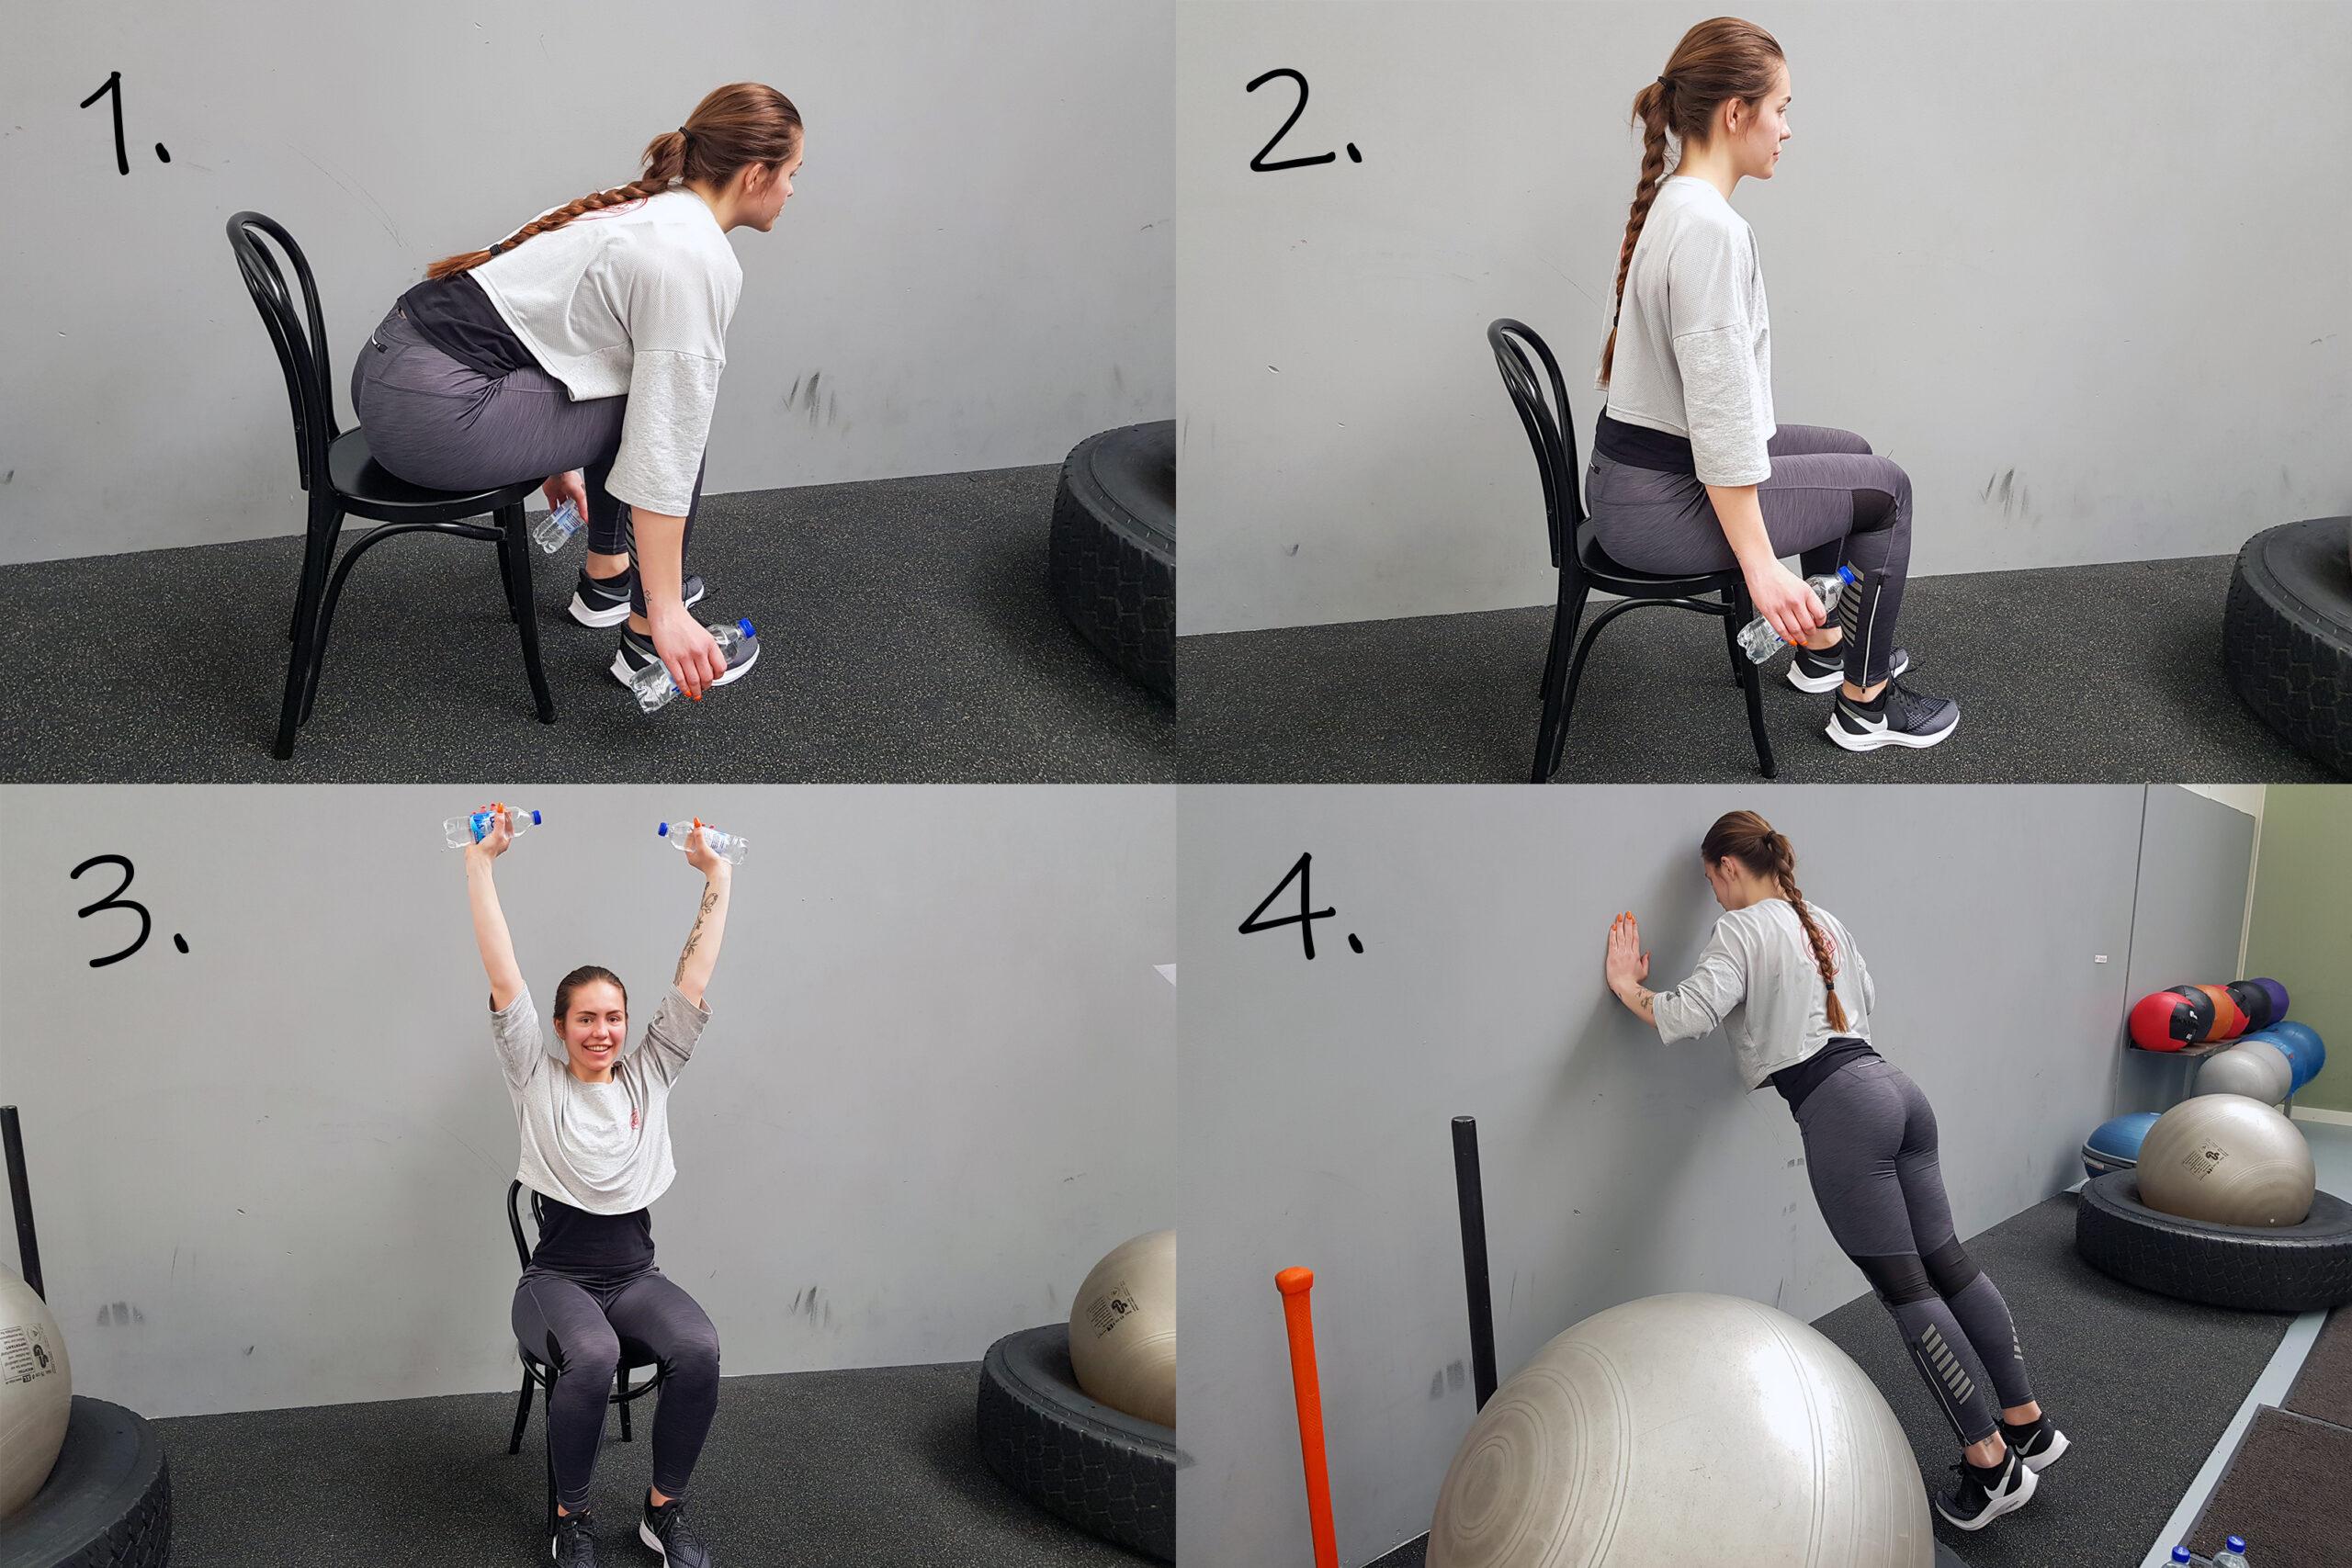 Erica sitter på en stol och gör fyra olika övningar